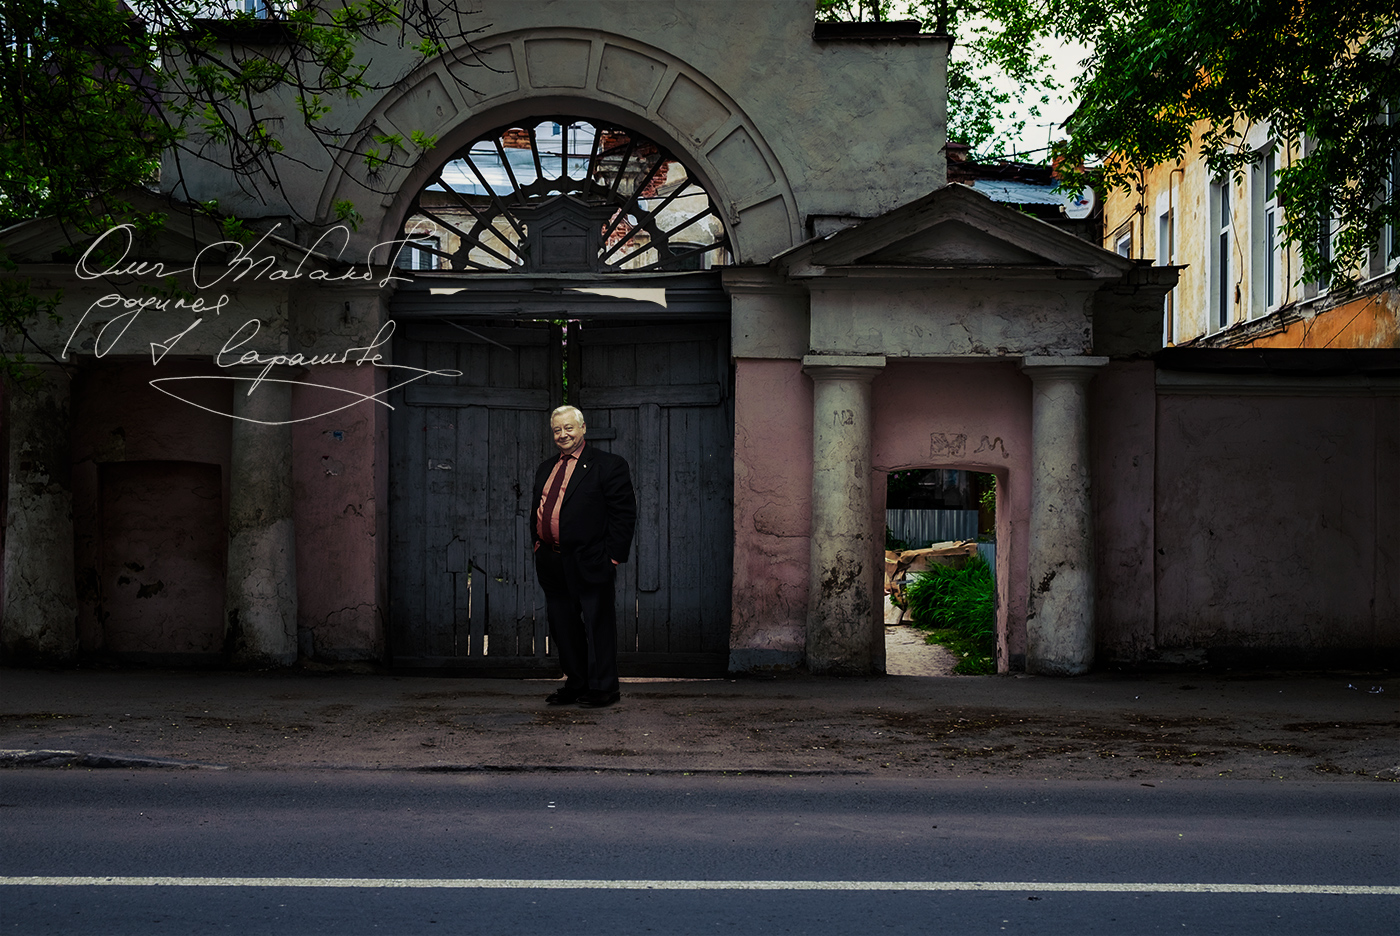 Саратов: заживет ли когда-нибудь российская провинция по-человечески?